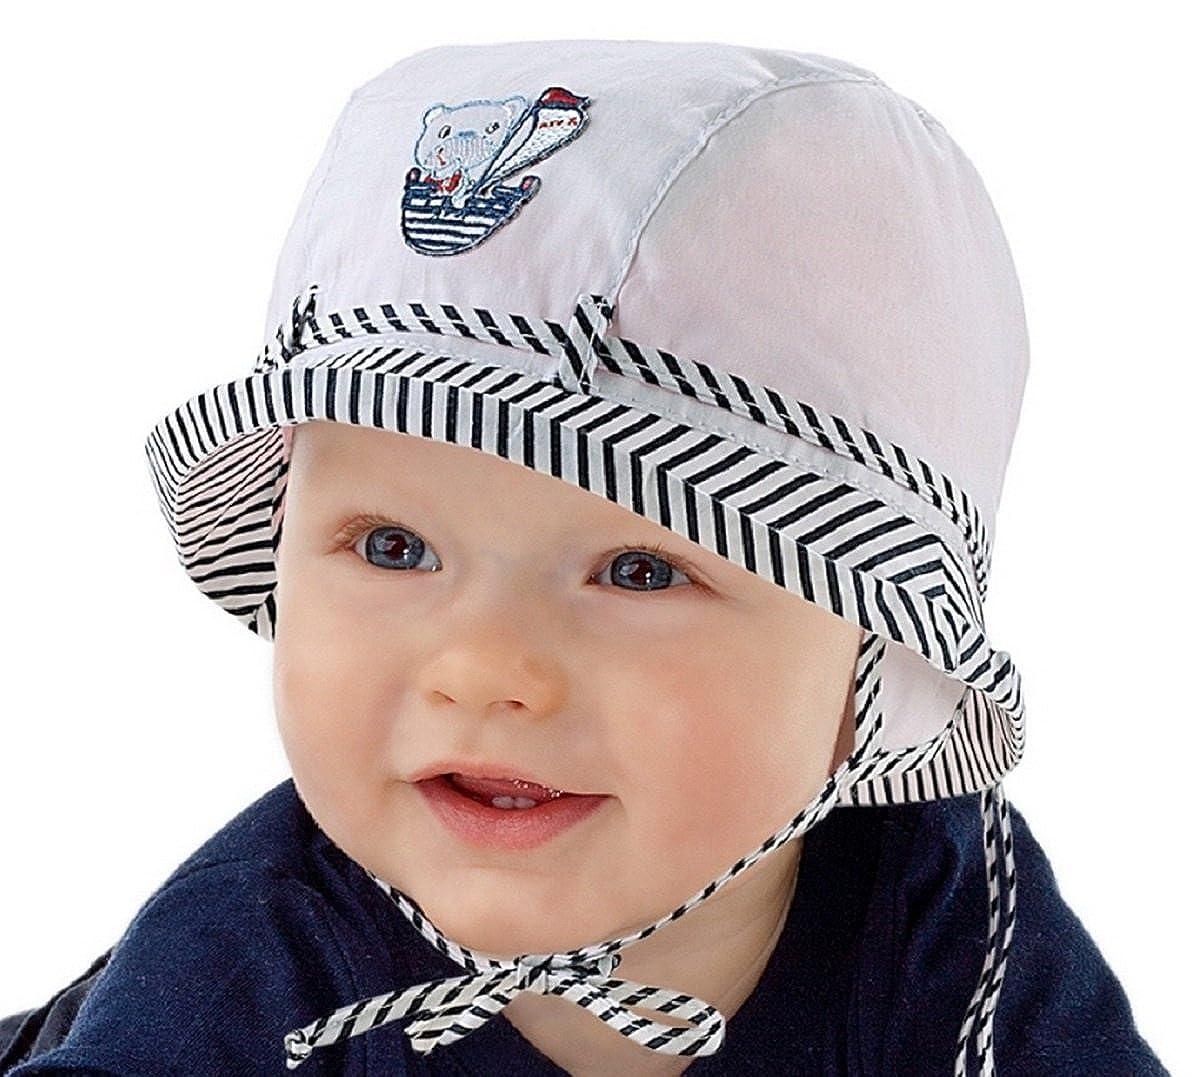 Berretto per bambini, cappello da sole per vacanza, spiaggia, estate, taglia 6, 9, 12, 18, 24 mesi, 2-3 anni, collezione marittima F.Y.